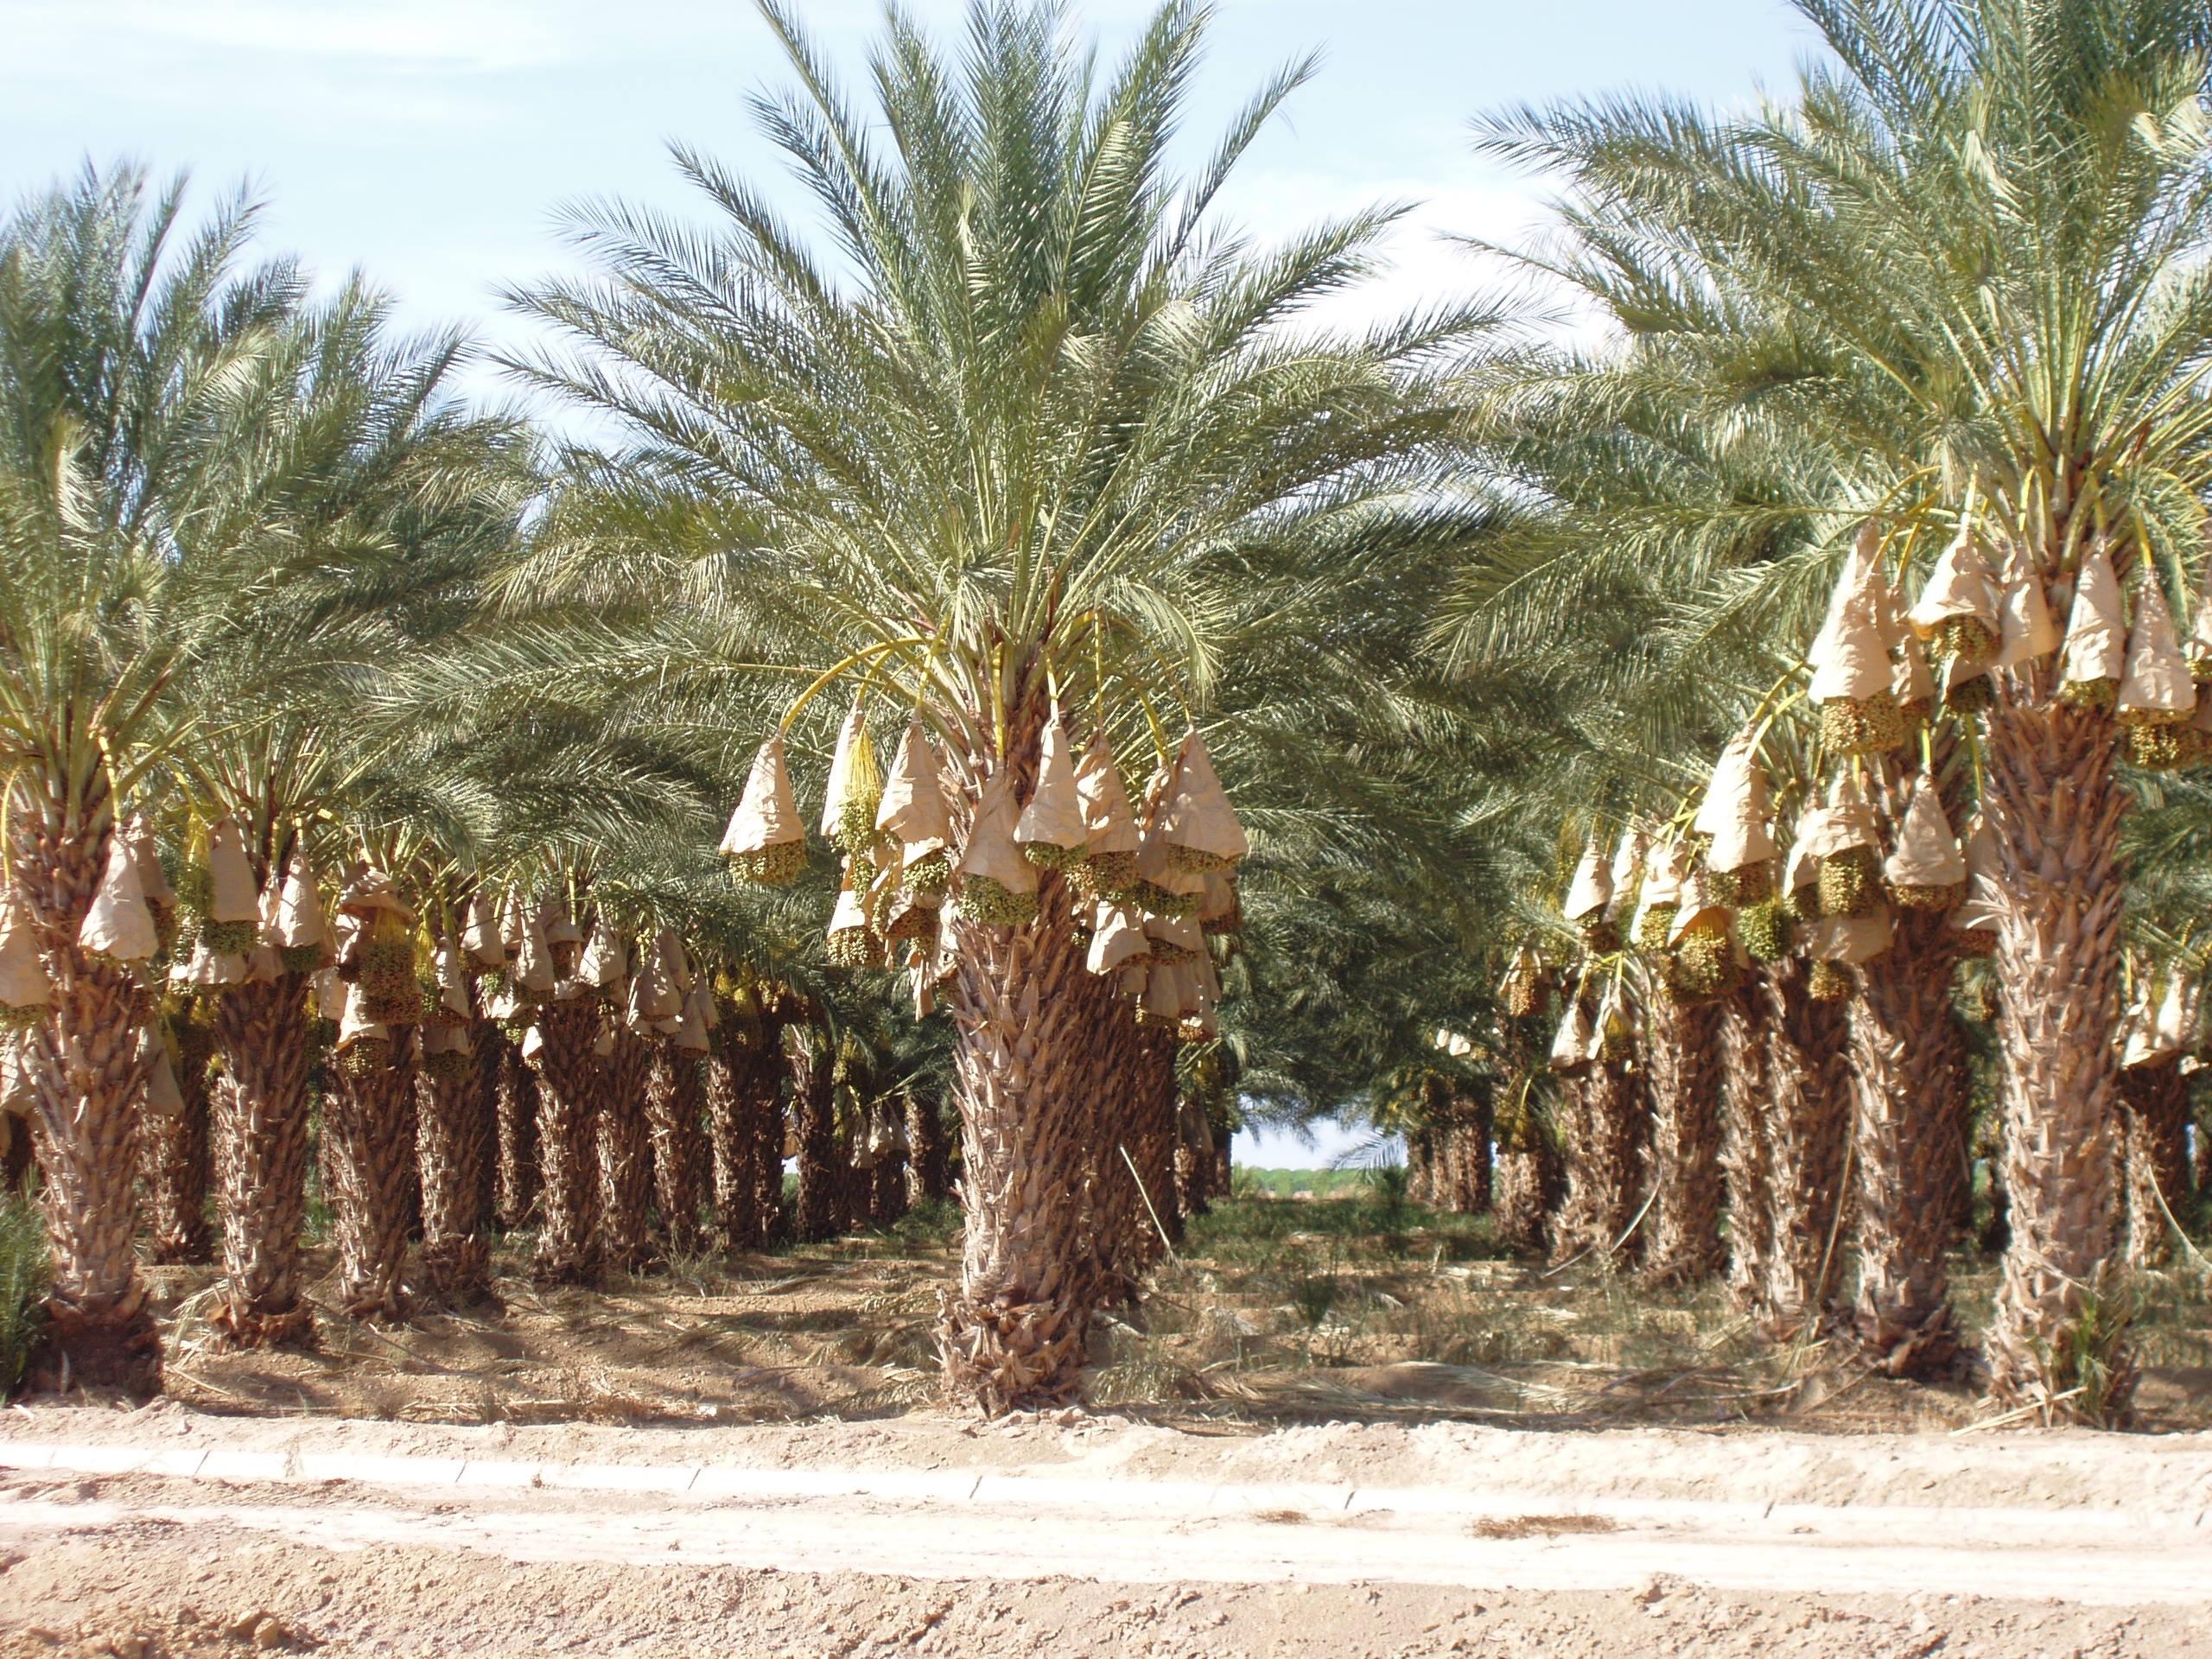 California Date Palm